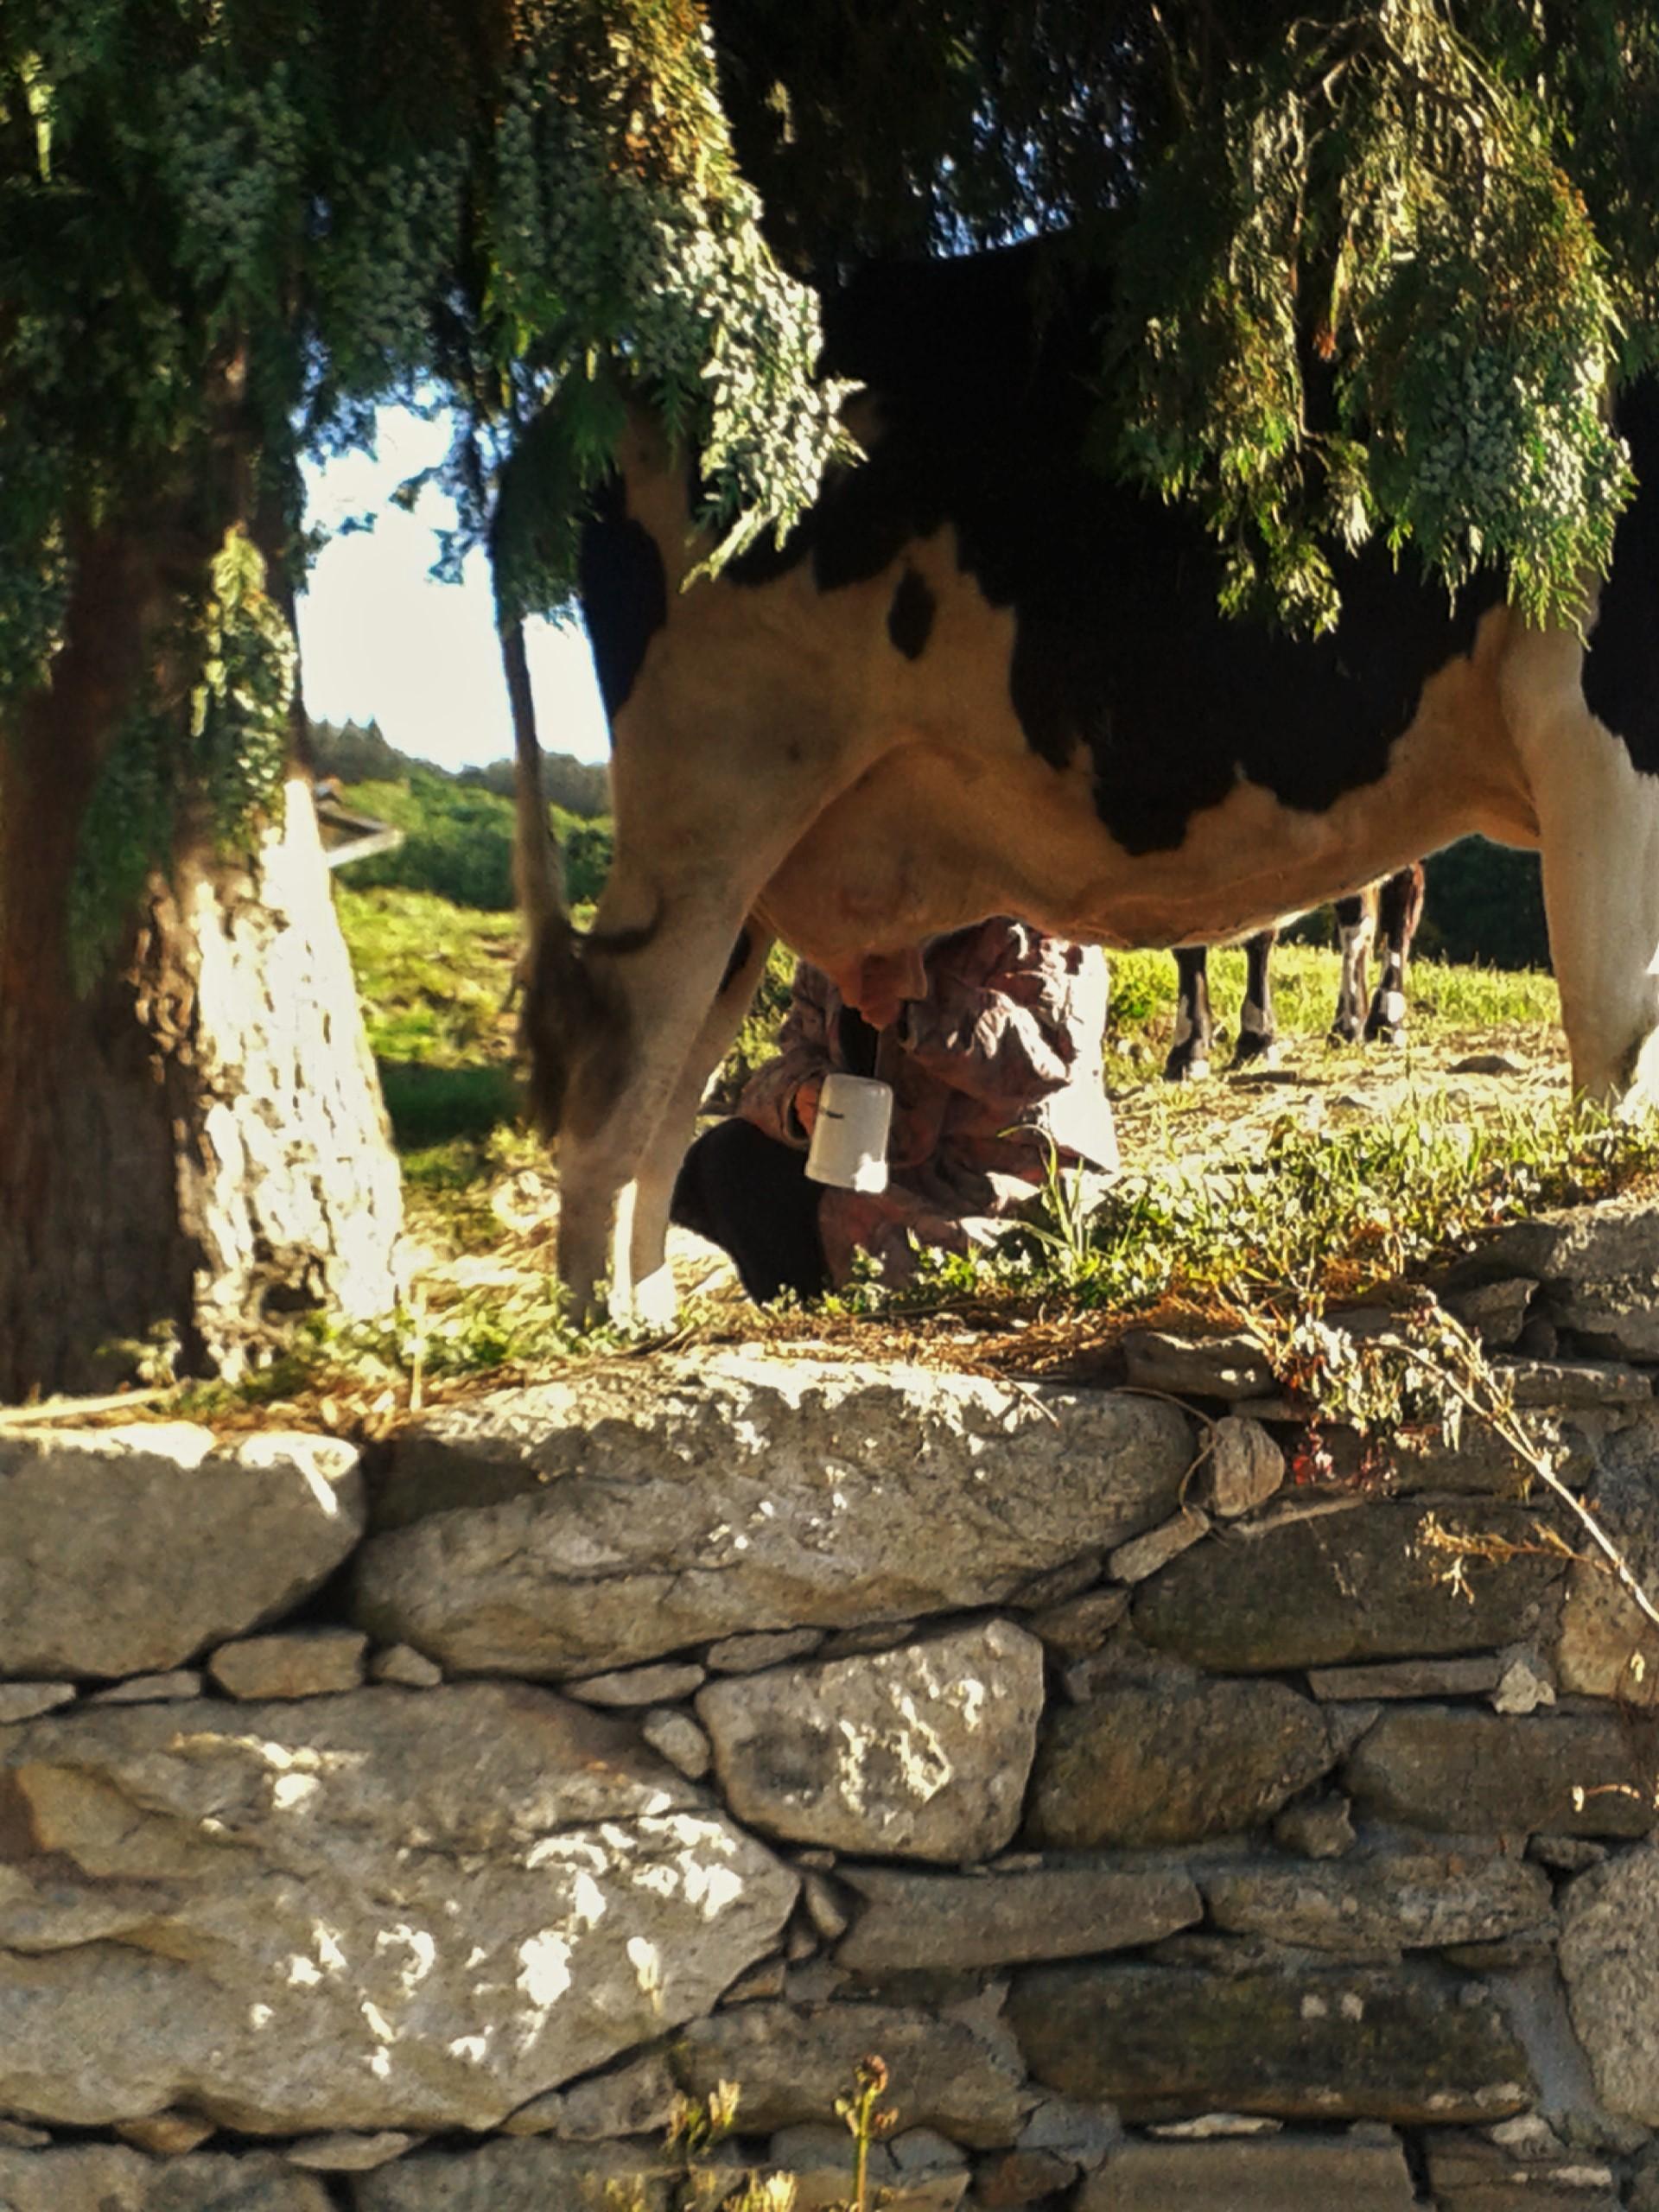 Op de foto een mevrouw die een koe aan het melken is en de melk opvangt in een beker.